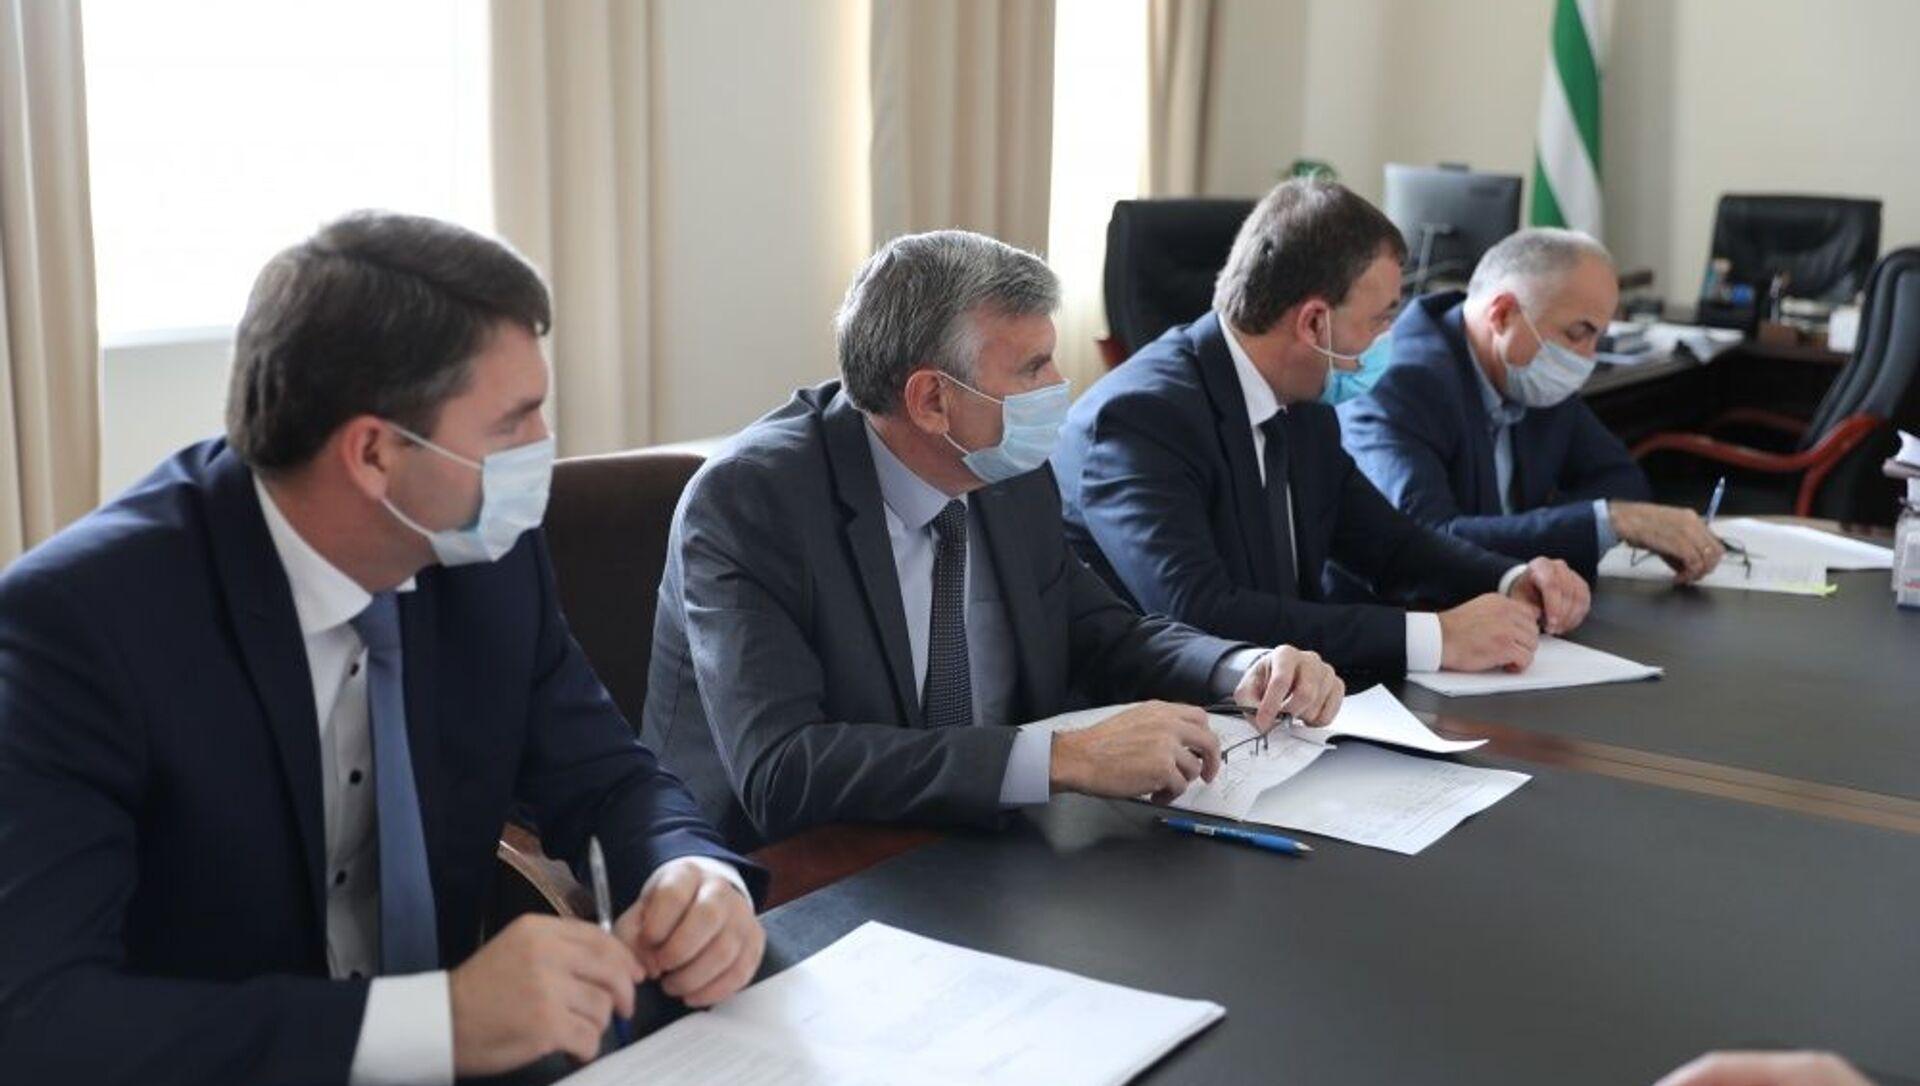 Премьер-министр Республики Абхазия Александр Анкваб провёл рабочее совещание - Sputnik Абхазия, 1920, 23.09.2021